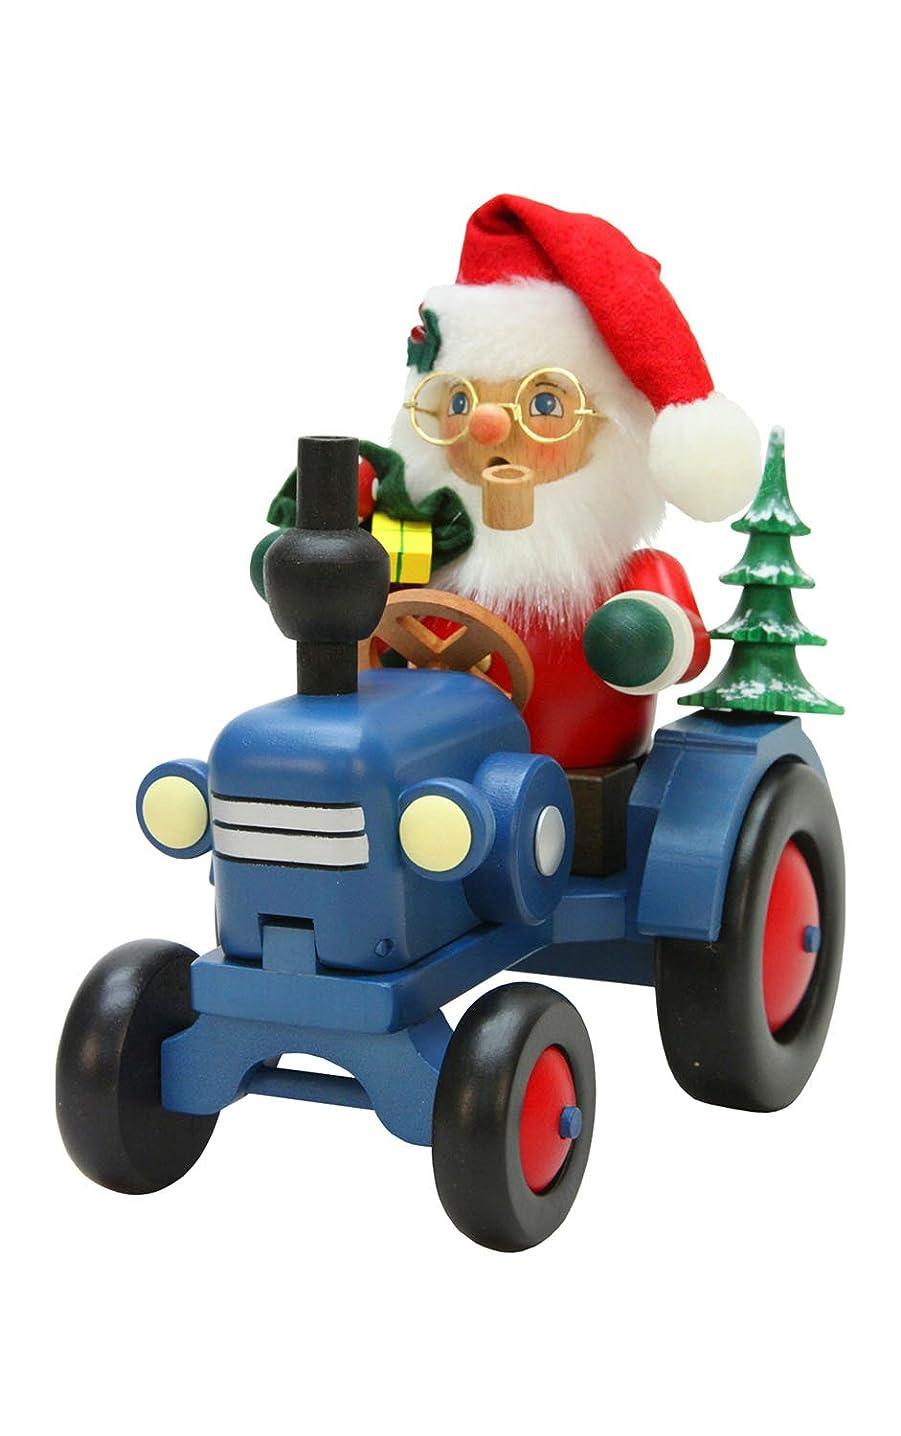 マニアック小麦あざAlexander Taron Christian Ulbricht装飾サンタon Tractor Incense Burner